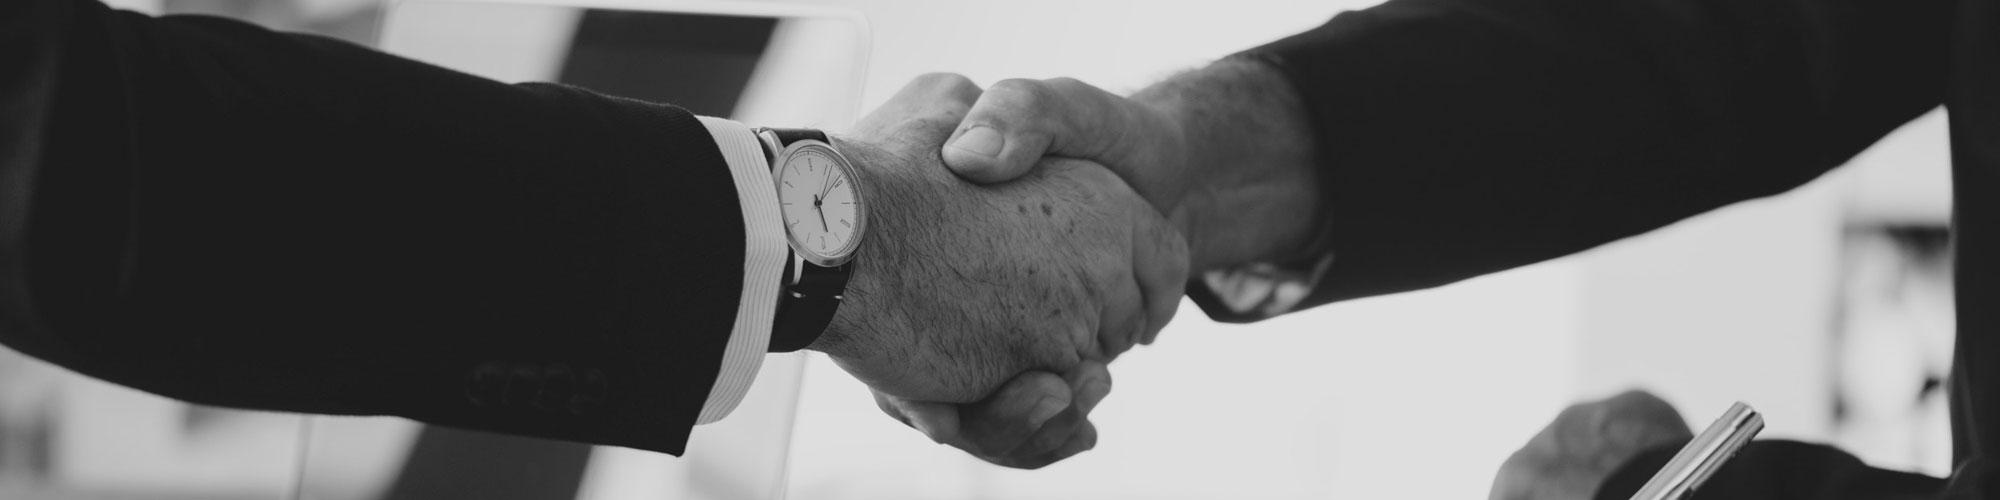 handshake-black-white